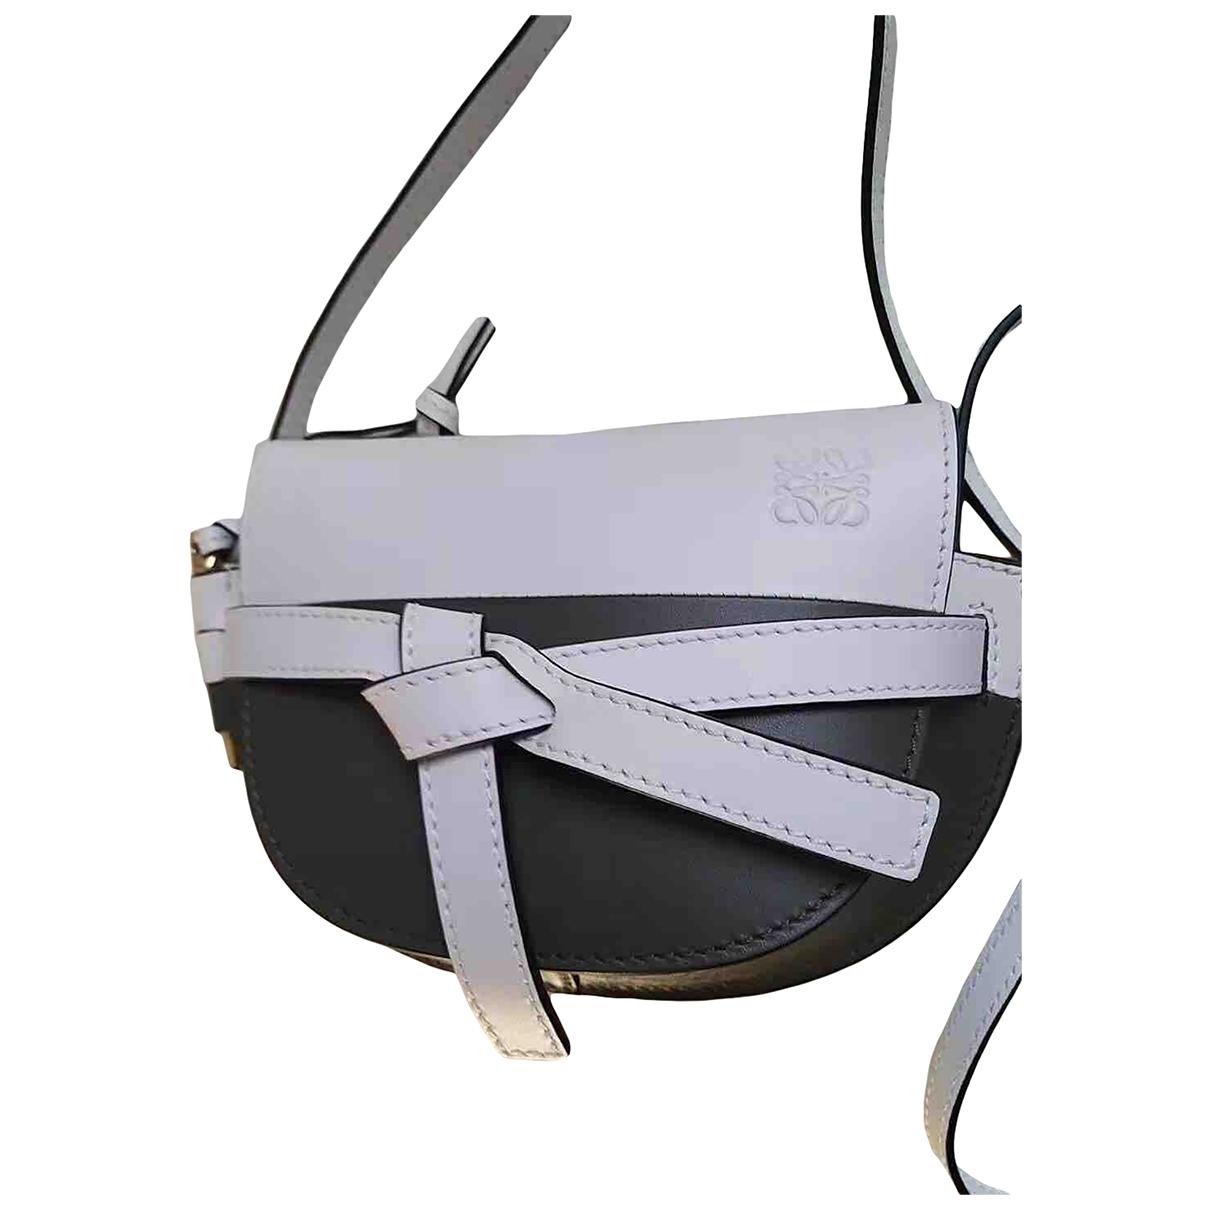 Loewe - Sac a main Gate pour femme en cuir